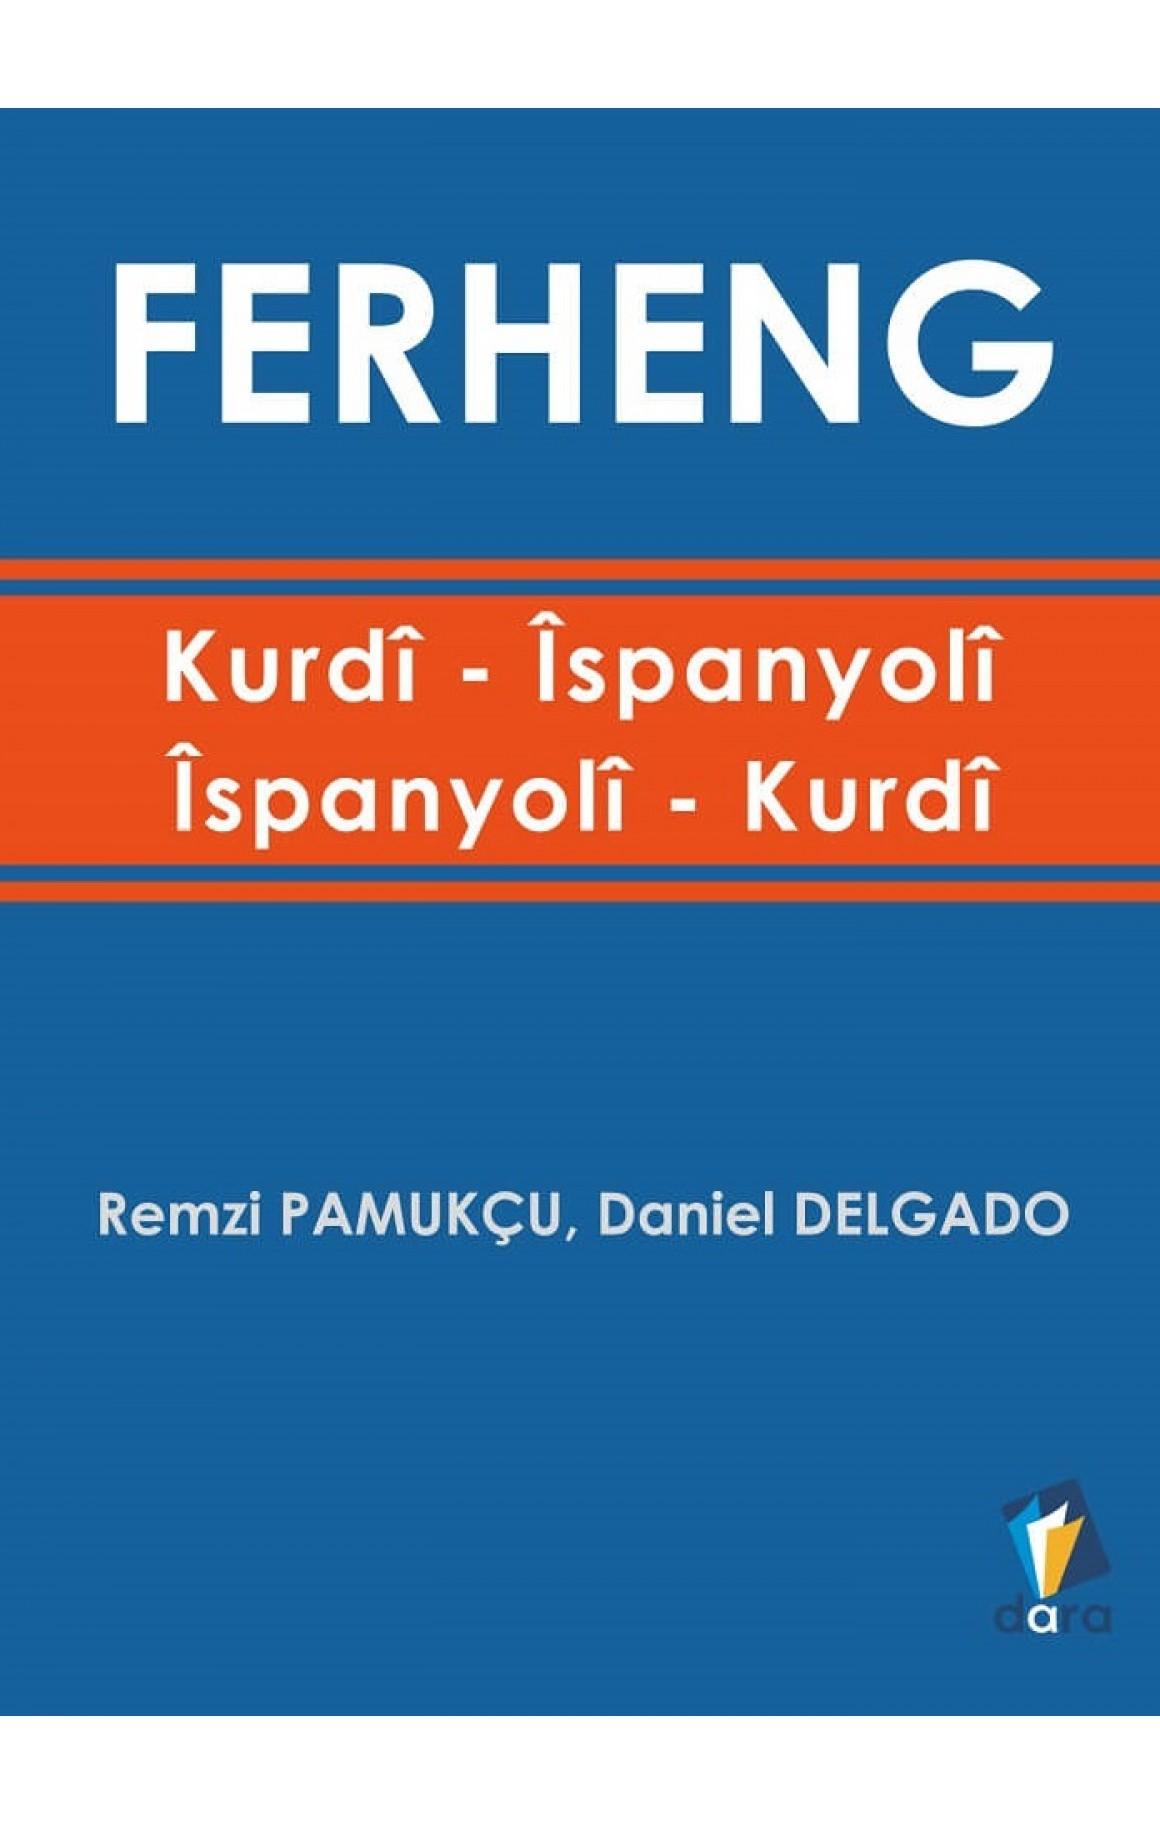 Ferhenga Kurdî Îspanyolî - Îspanyolî Kurdî